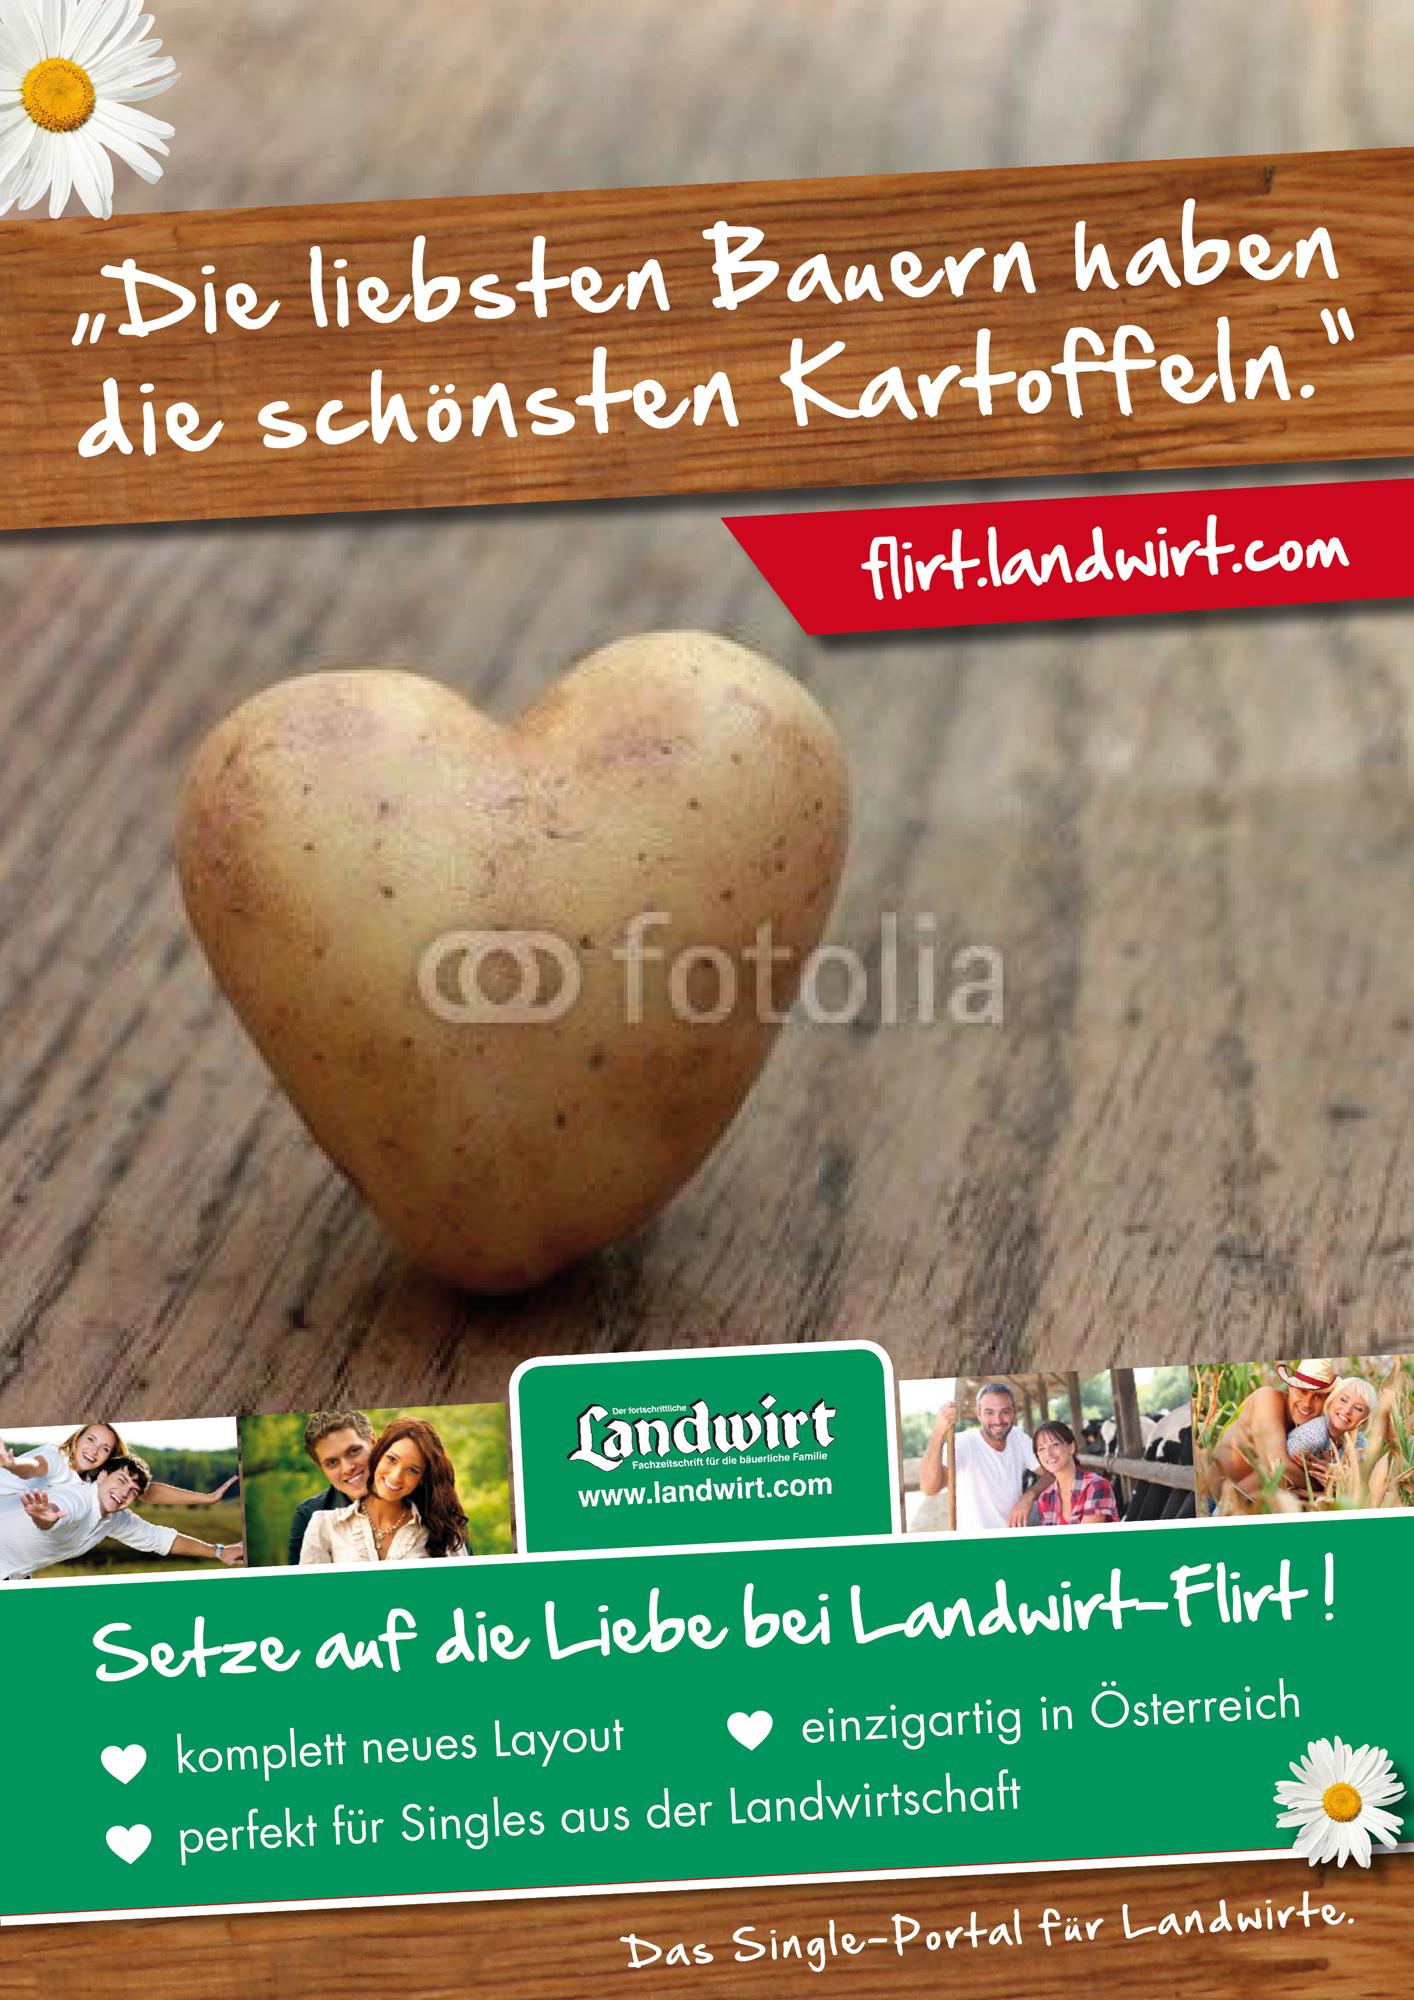 Flirt landwirt abmelden [PUNIQRANDLINE-(au-dating-names.txt) 54